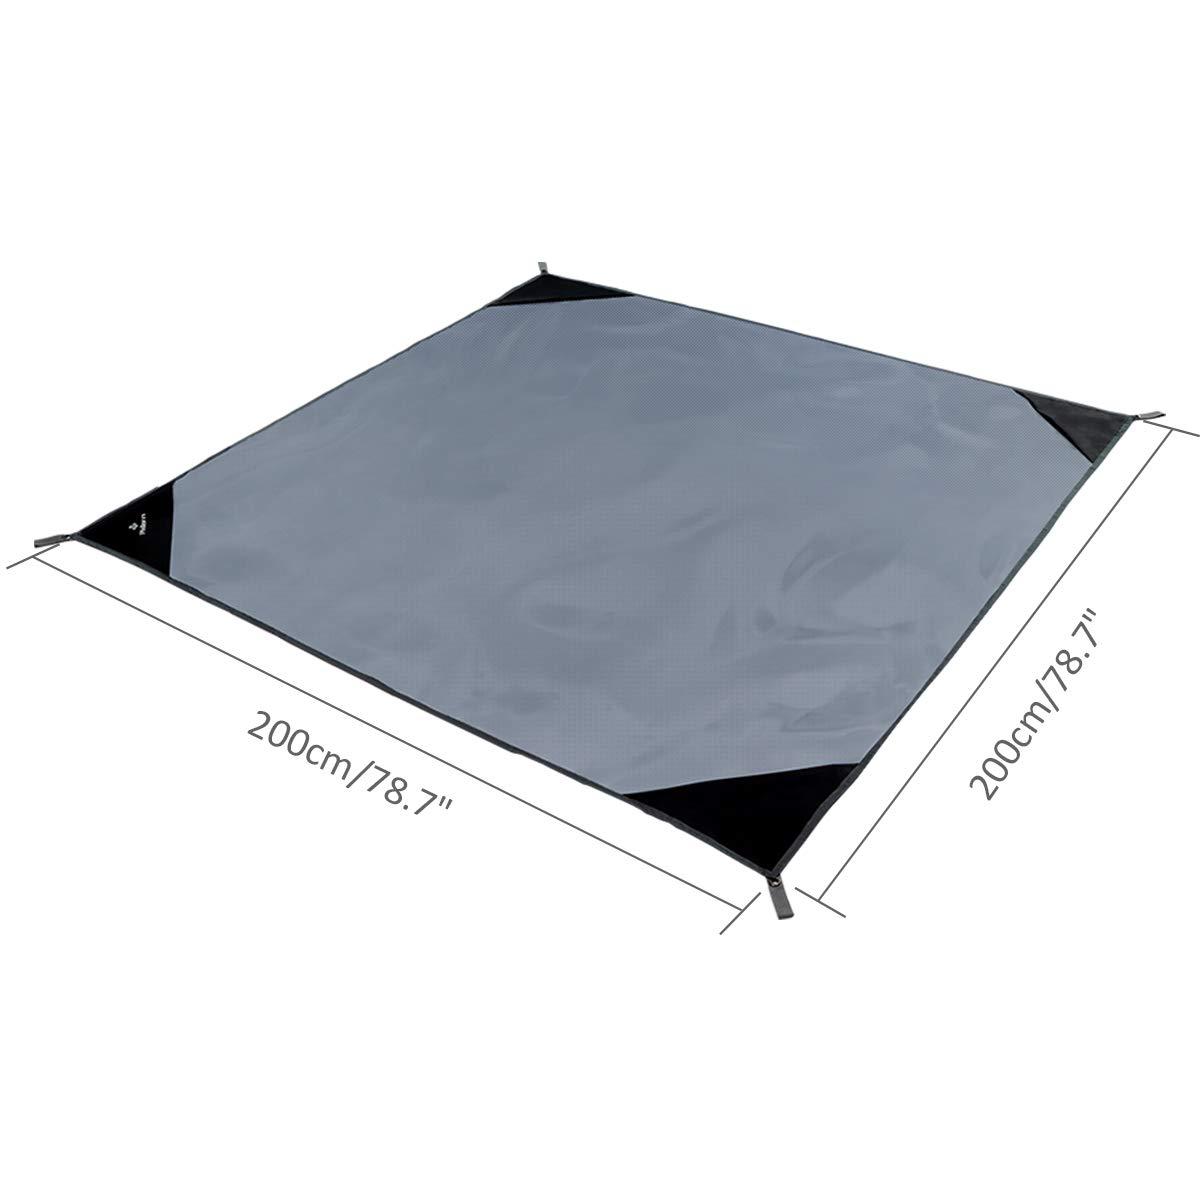 Acampada con 4 Estacas Met/álicas Plegable Port/átil Impermeable Ligero para Viajar PHILORN Grande Manta de Picnic Esterilla de Playa 200/×150 cm